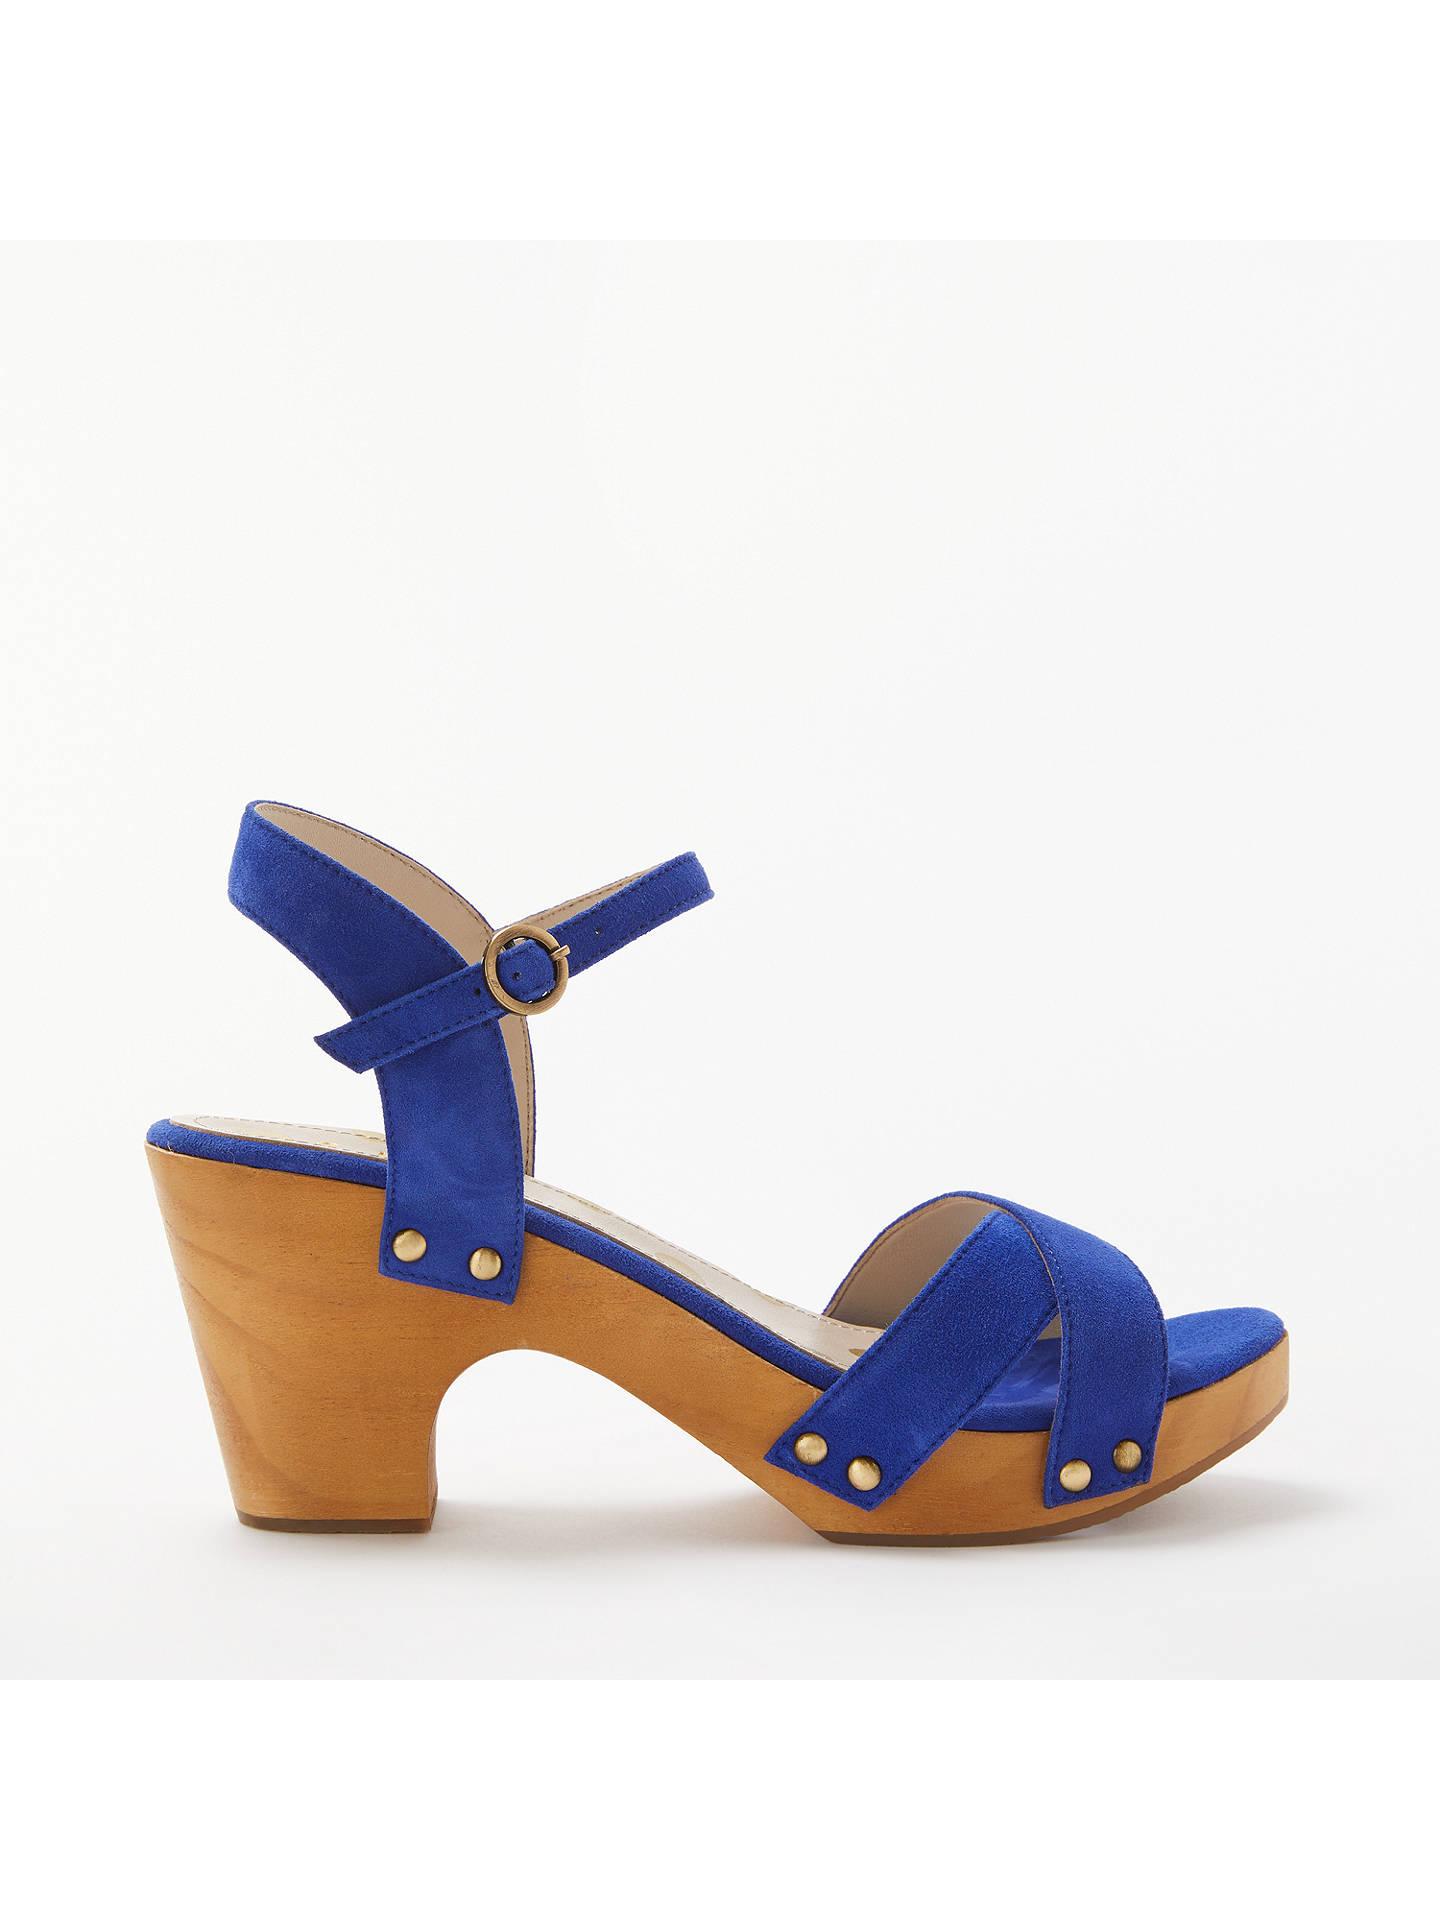 82ca5b4da5894 Buy Boden Olivia Clog Sandals, Blue Suede, 4 Online at johnlewis.com ...